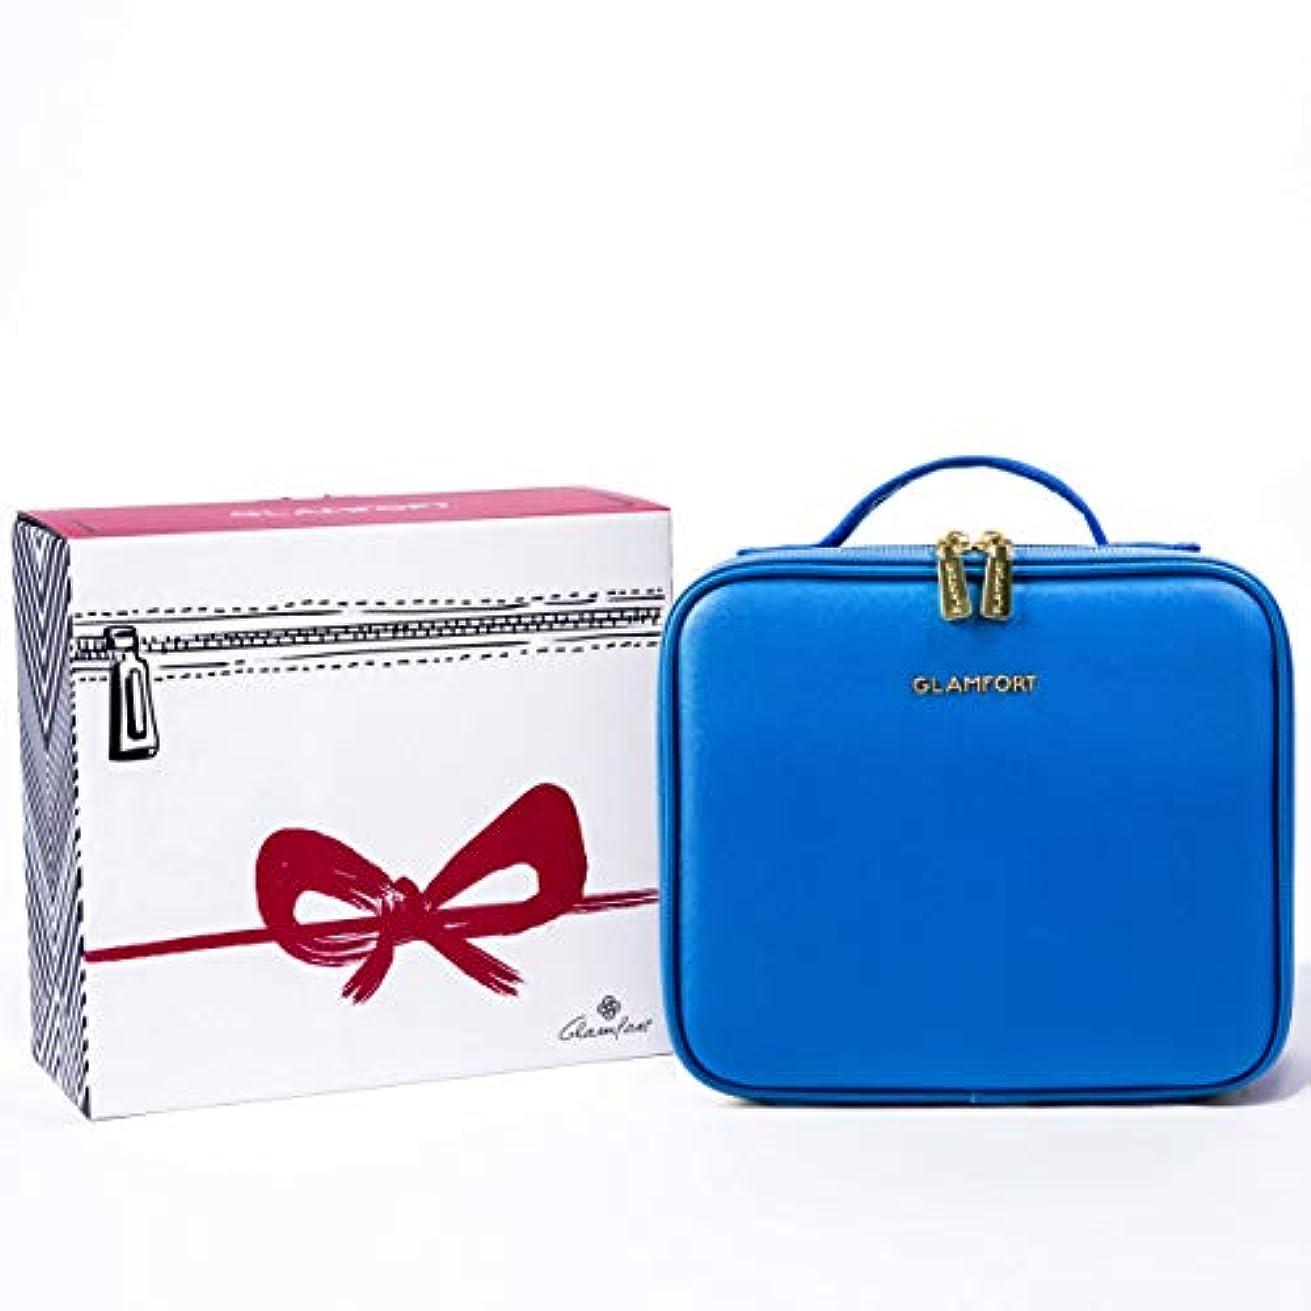 化粧ポーチコスメバックコスメポーチ青い高品質の旅行コスメポーチGLAMFORT